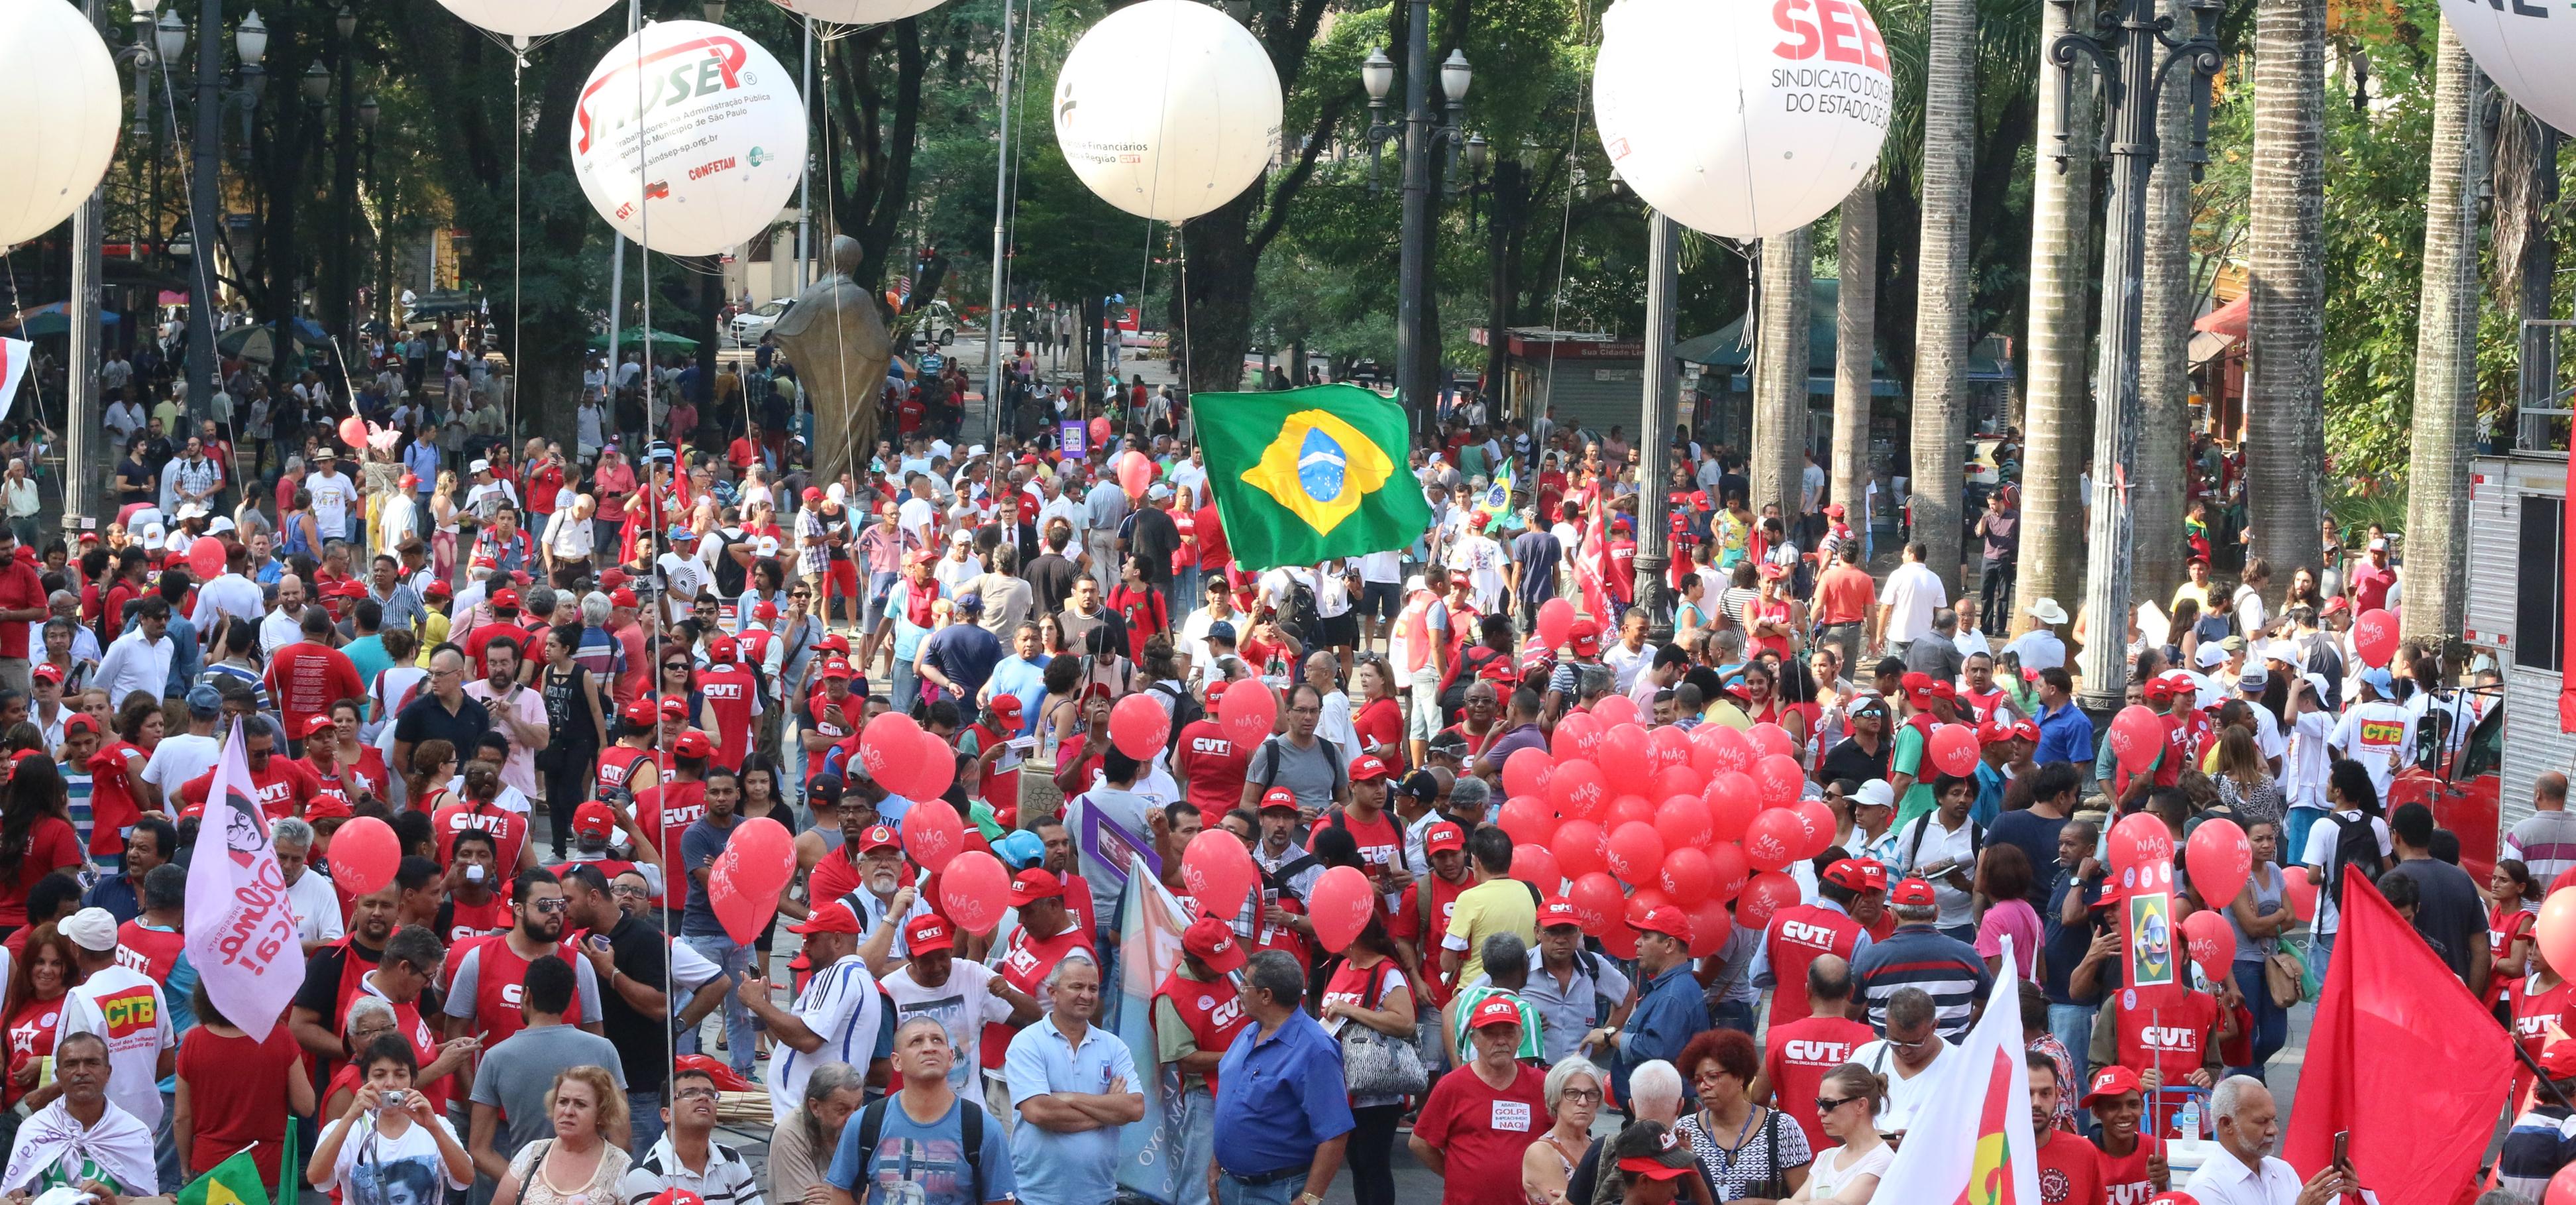 Manifestação, São Paulo, dia 31/3